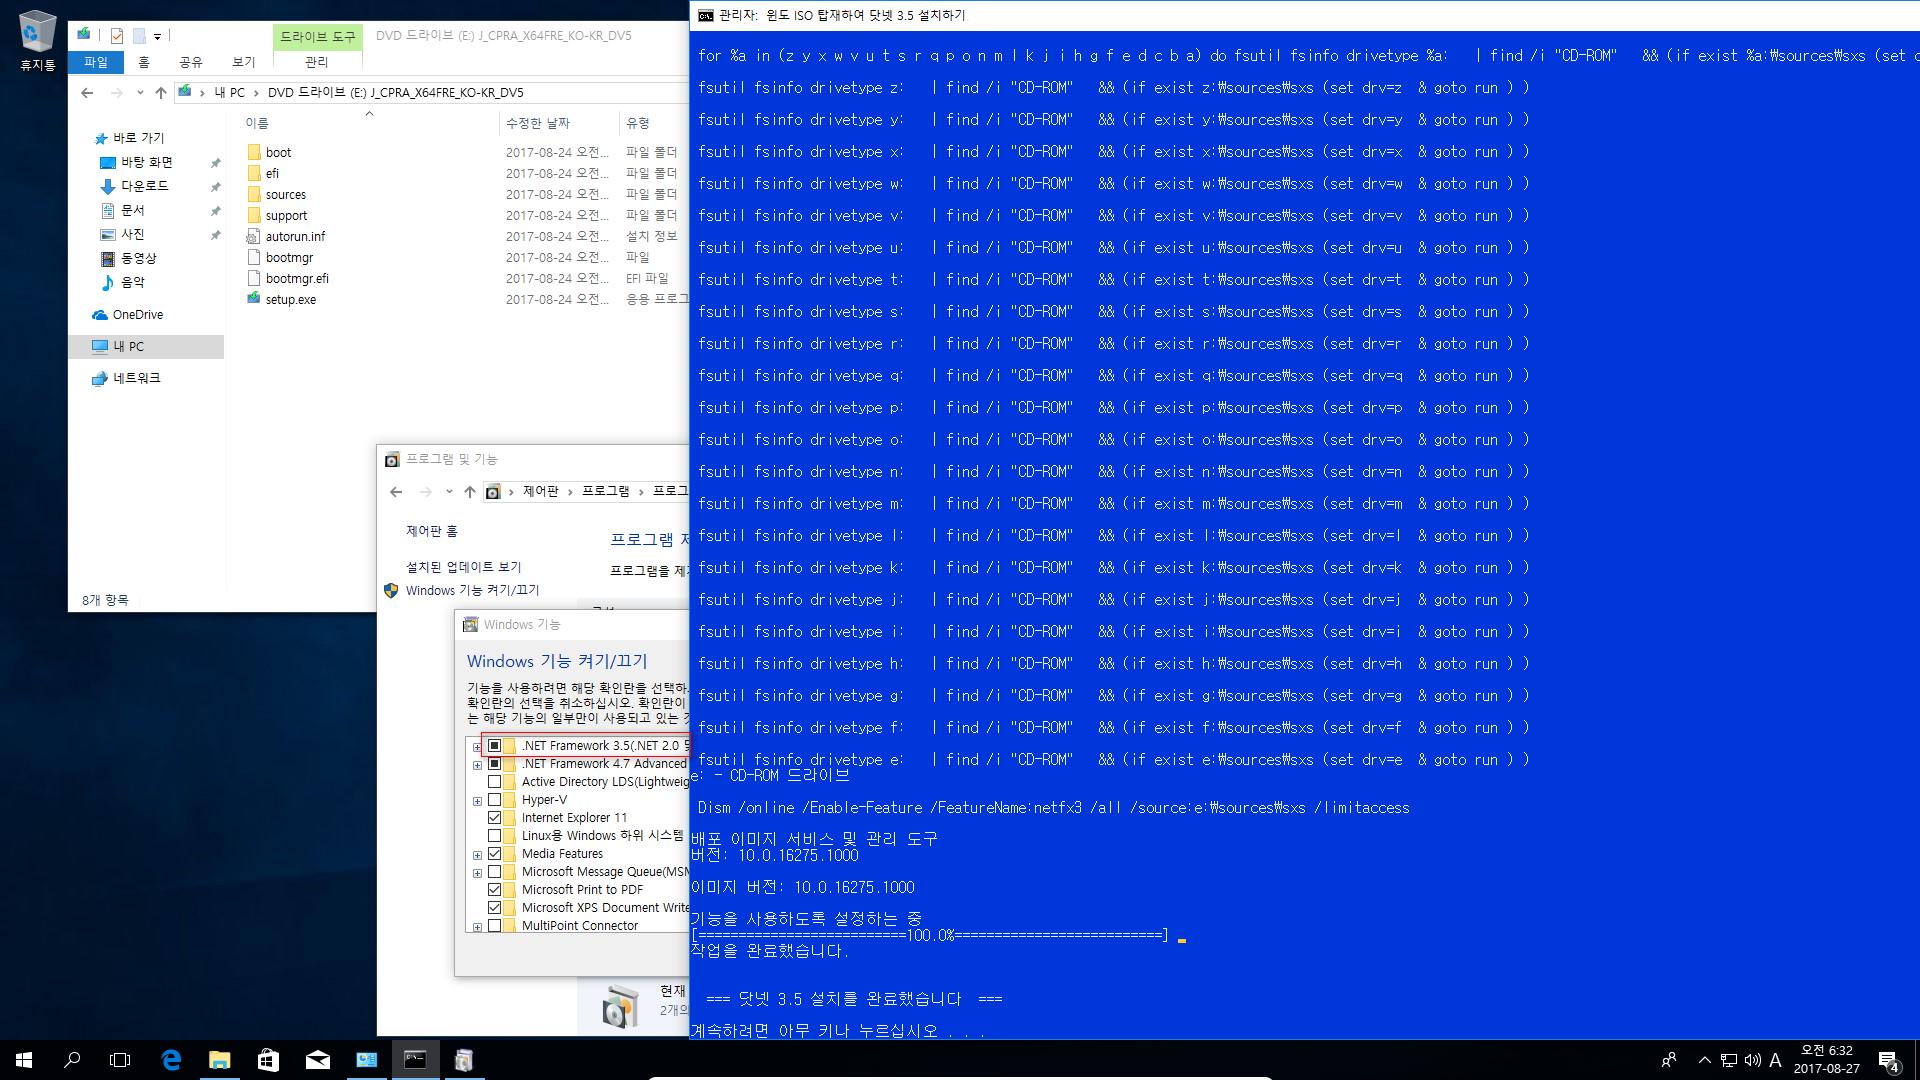 닷넷3.5 설치하기 - 윈도ISO 탑재 필요.bat 테스트 - 닷넷 3.5 설치 완료 2017-08-27_063218.png